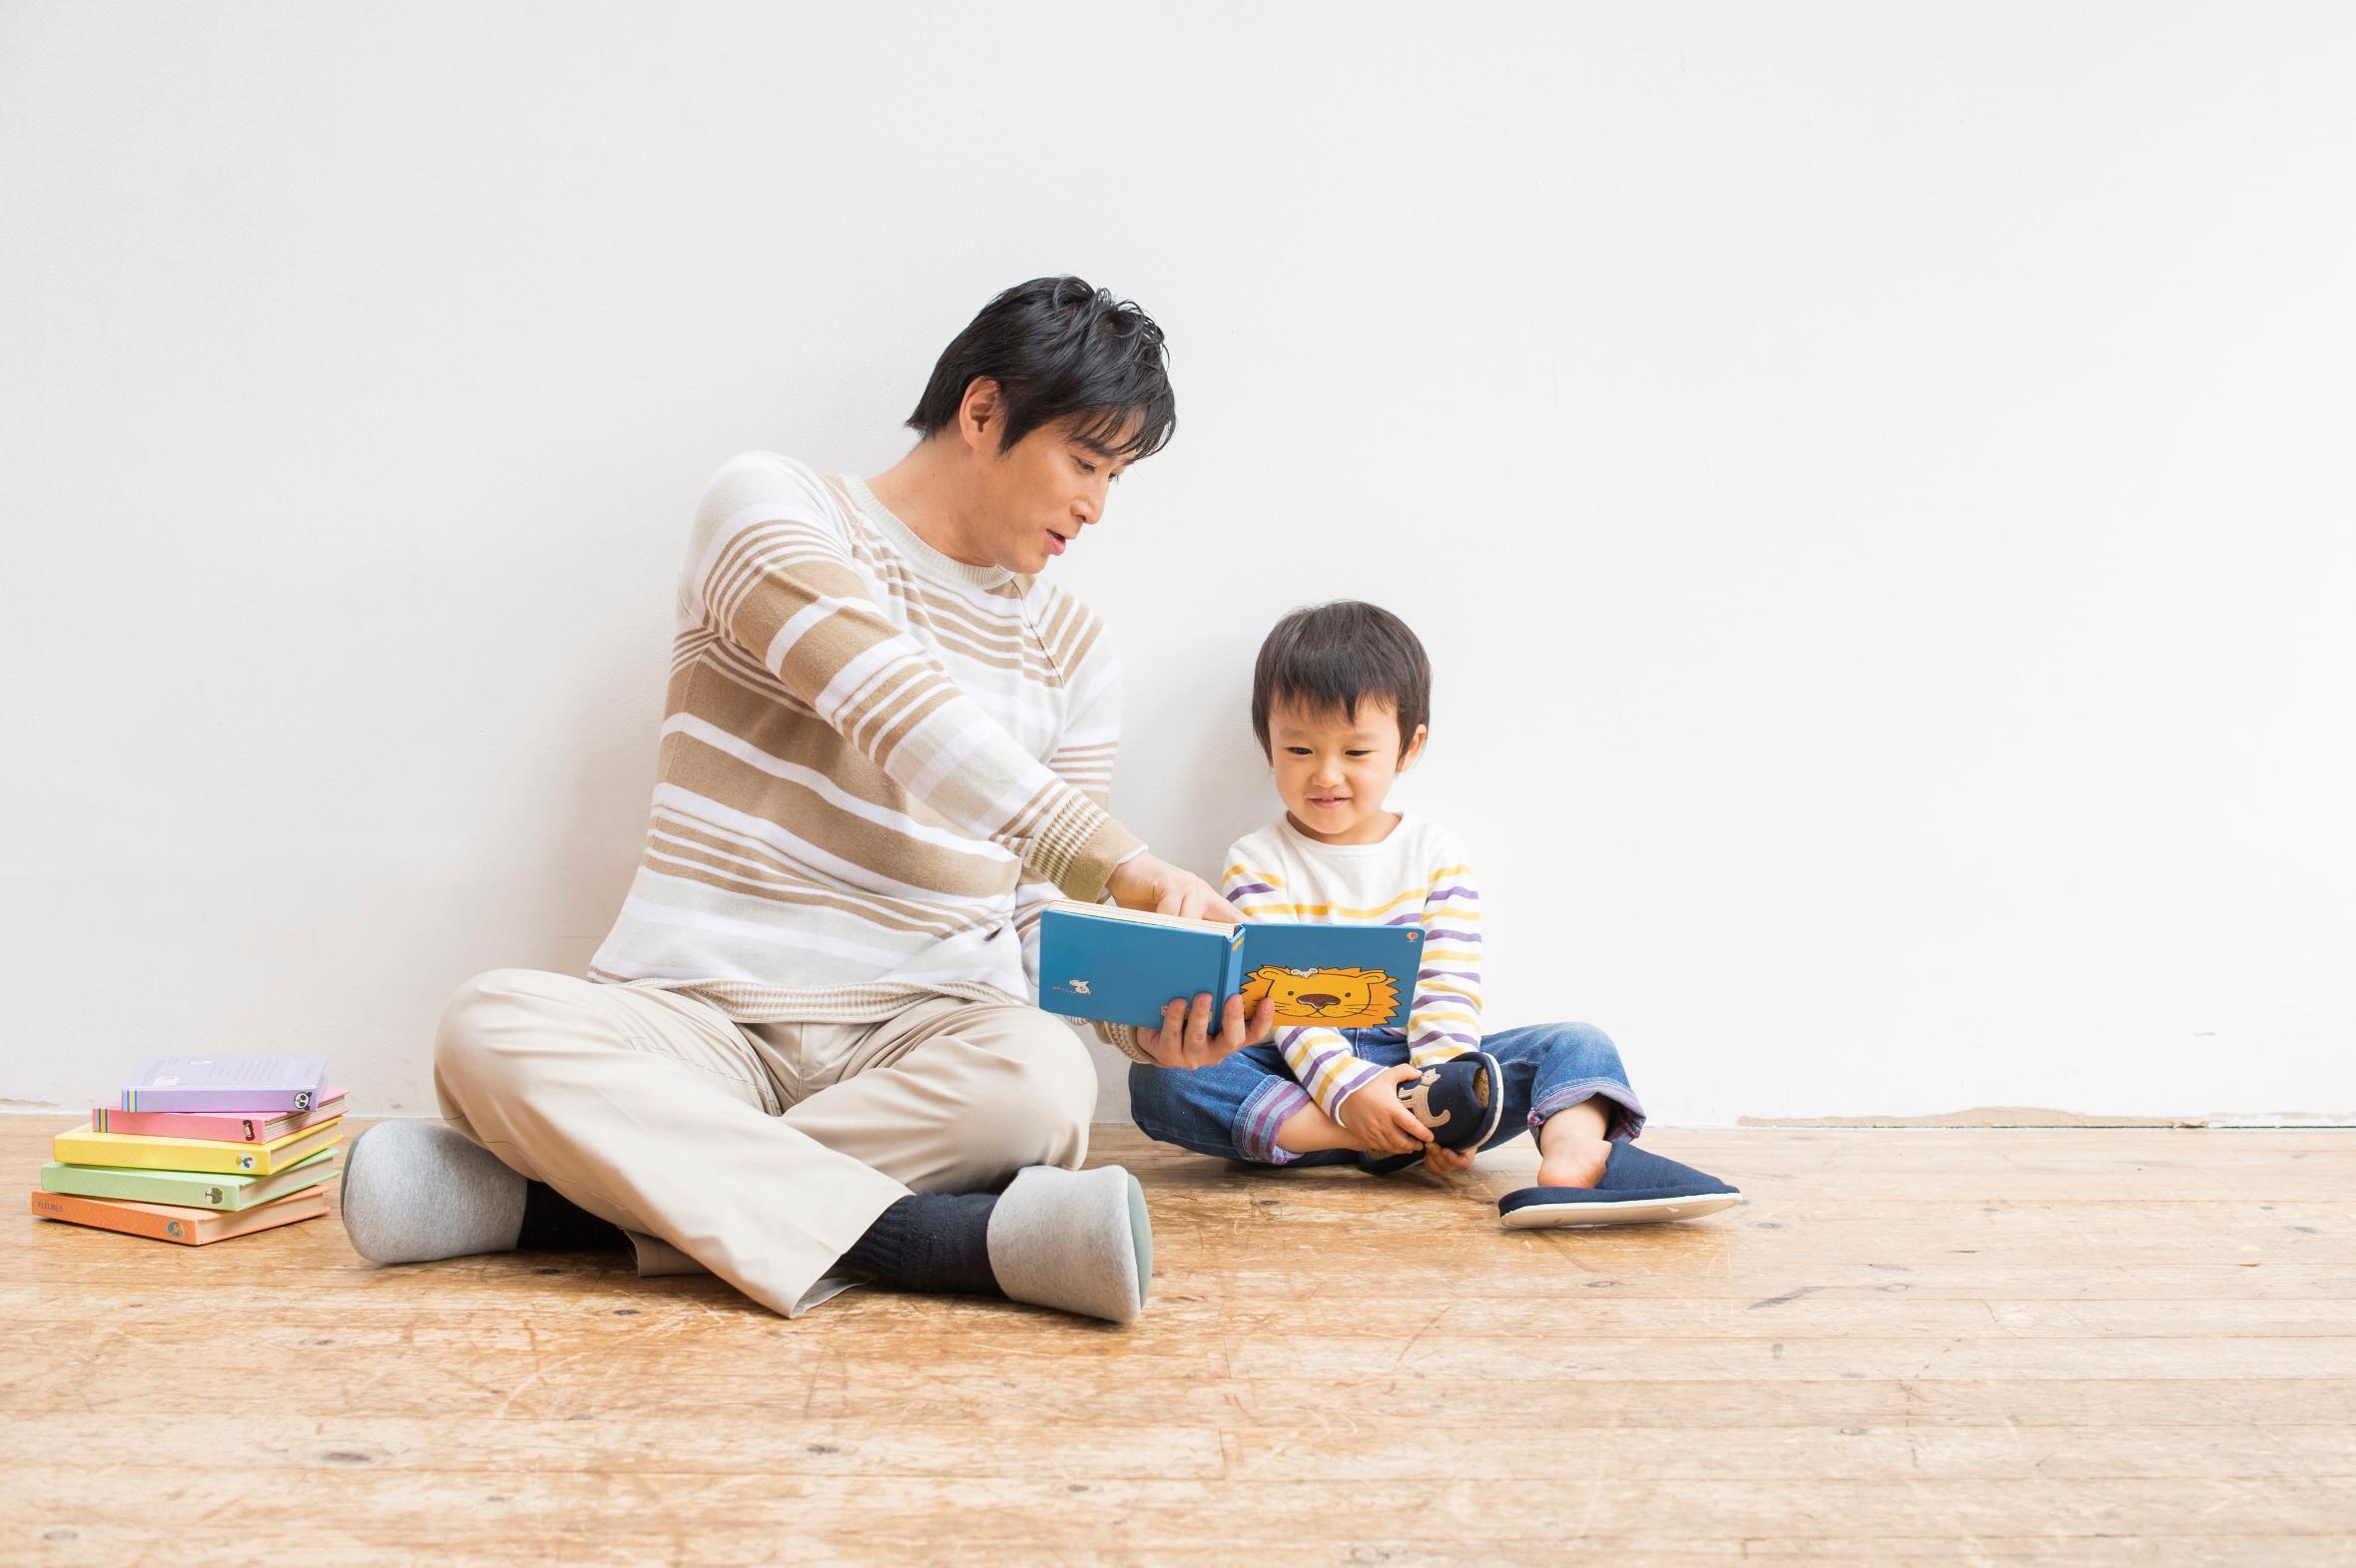 雨の日はこれ!子供と一緒に楽しむ、おすすめの室内遊び